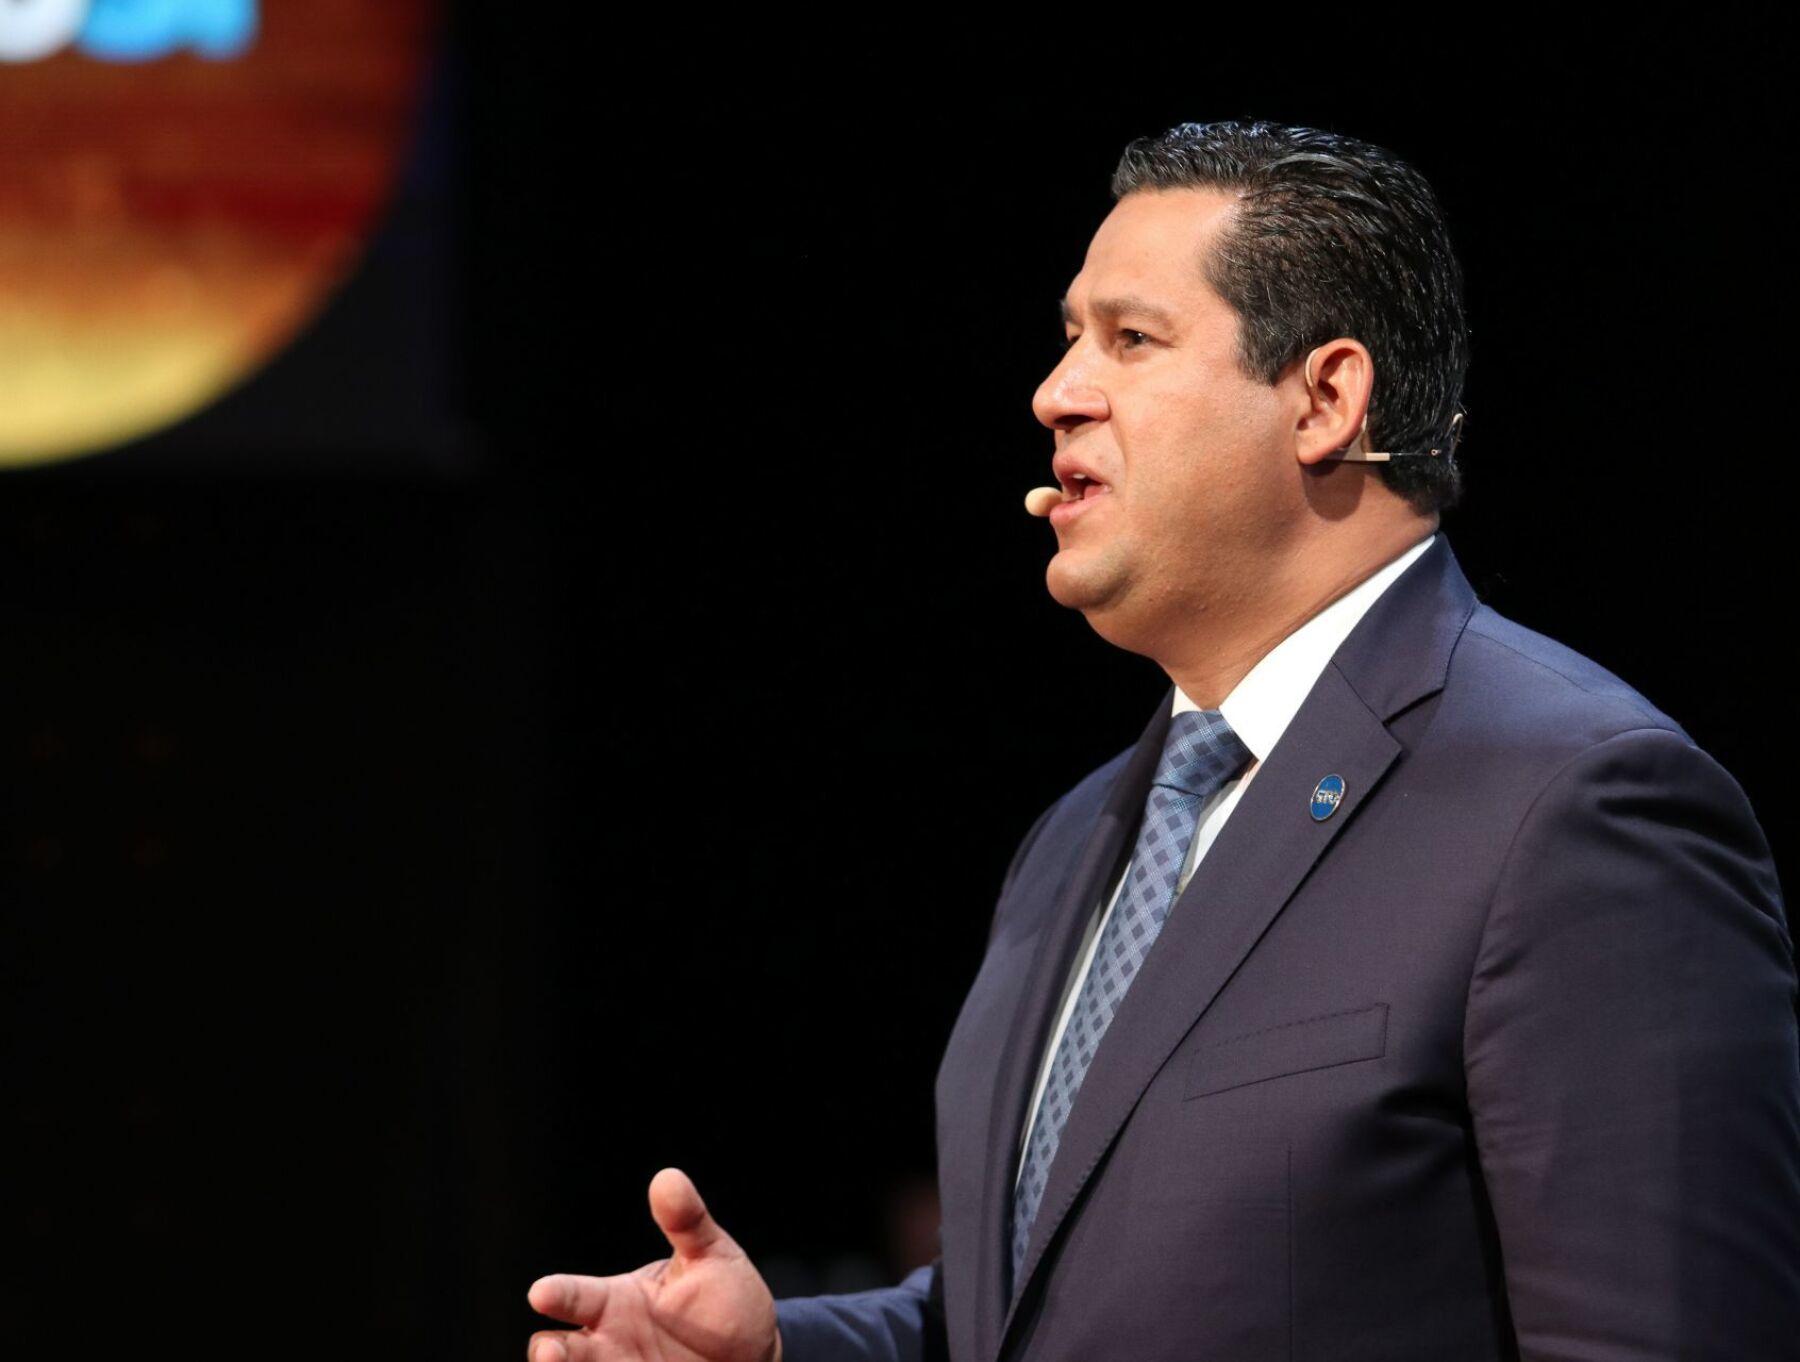 Diego Sinhue Rodríguez